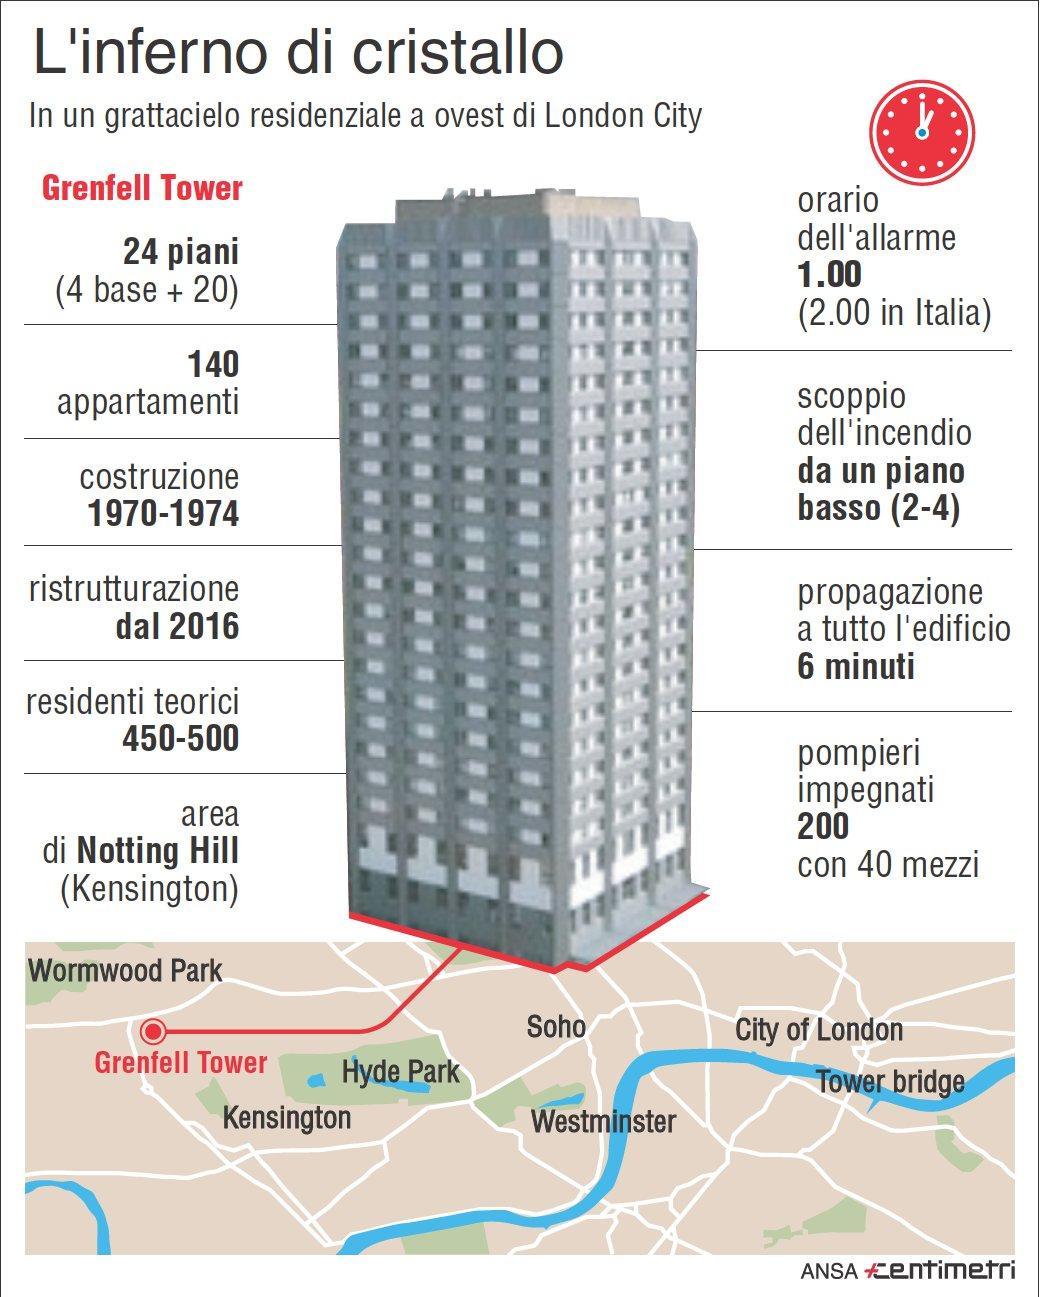 Londra, la Grenfell Tower in cifre